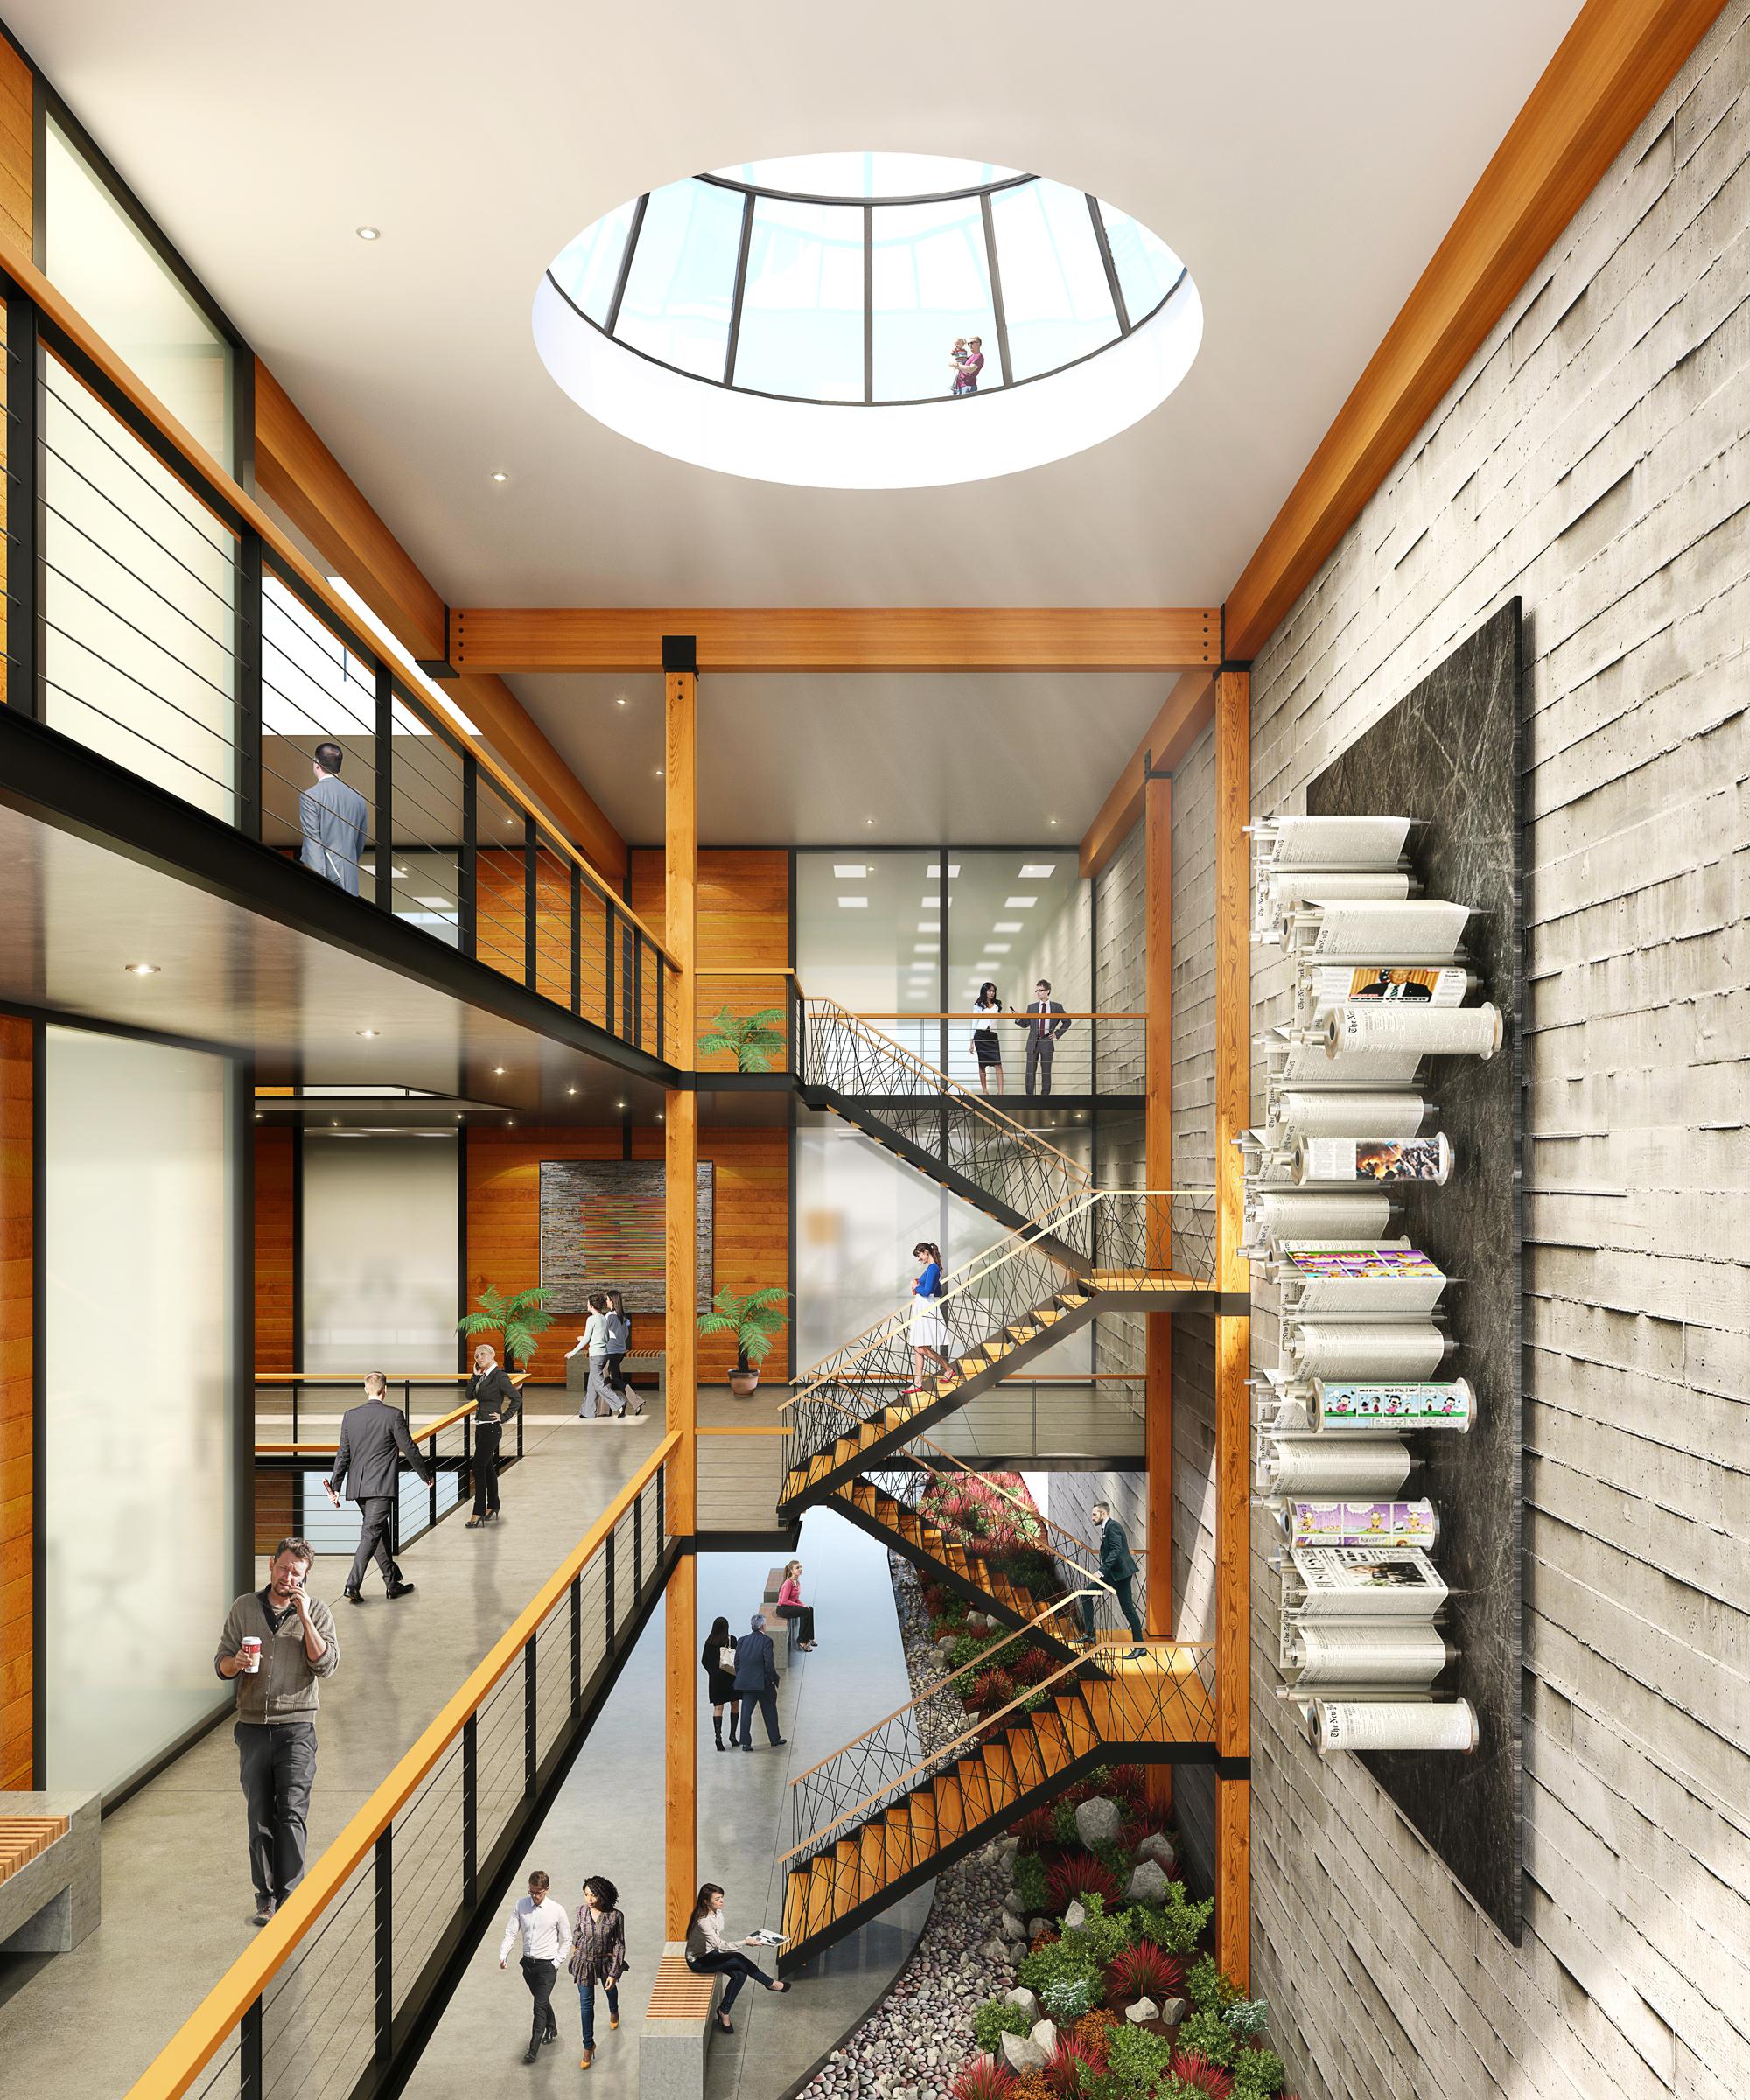 Press_V4_Press hall.jpg